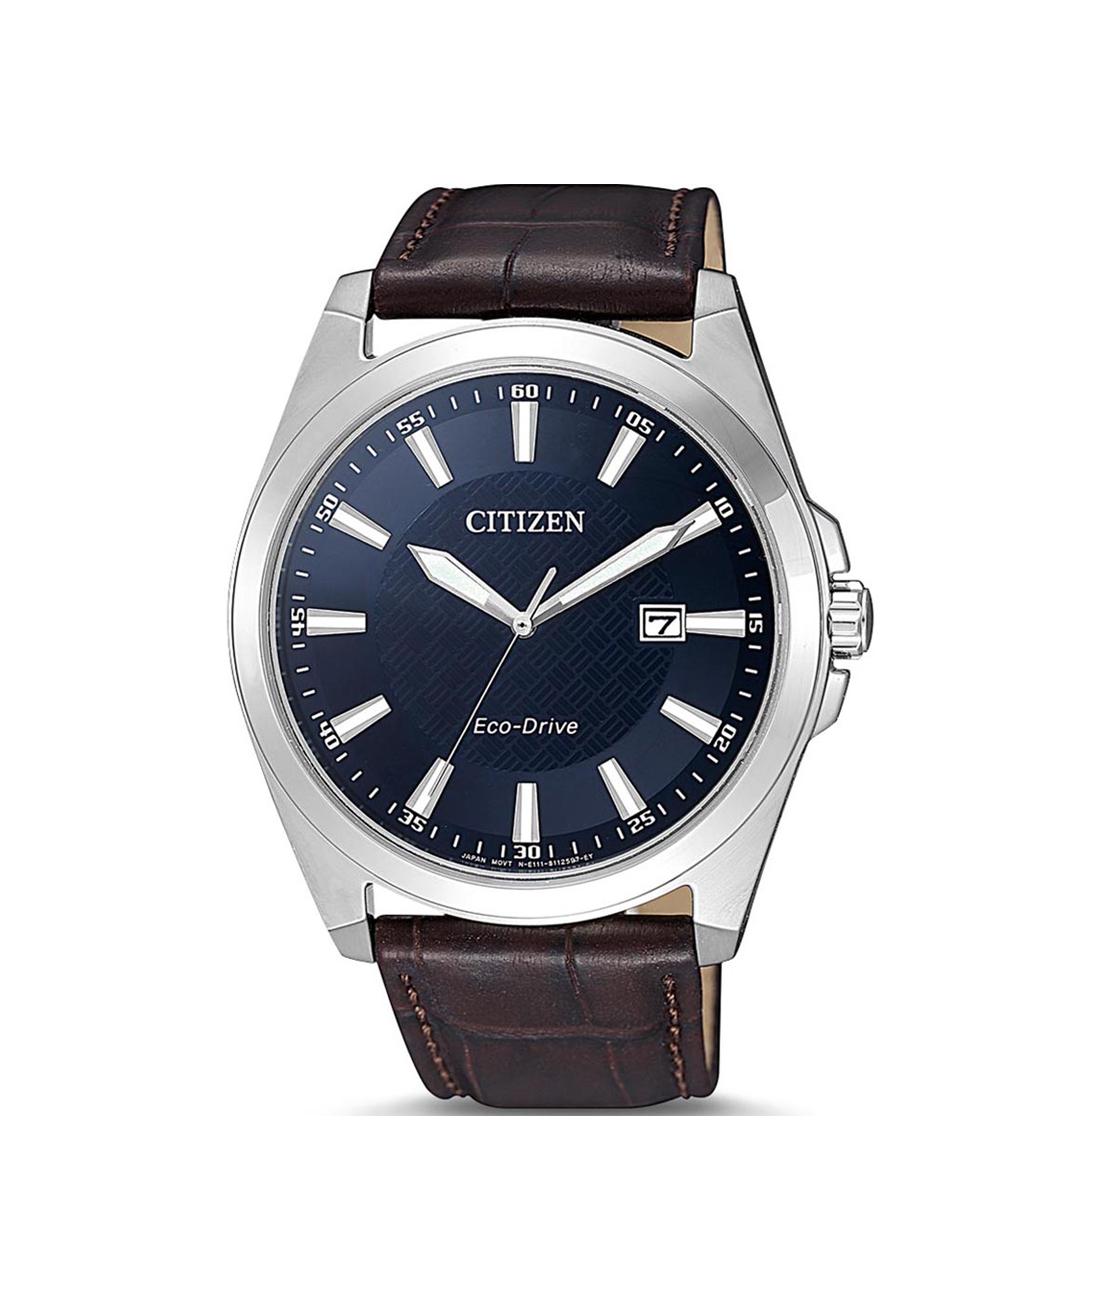 Zegarek Citizen Eco-Drive BM7108-22L w atrakcyjnej cenie ... 85b10f35e4